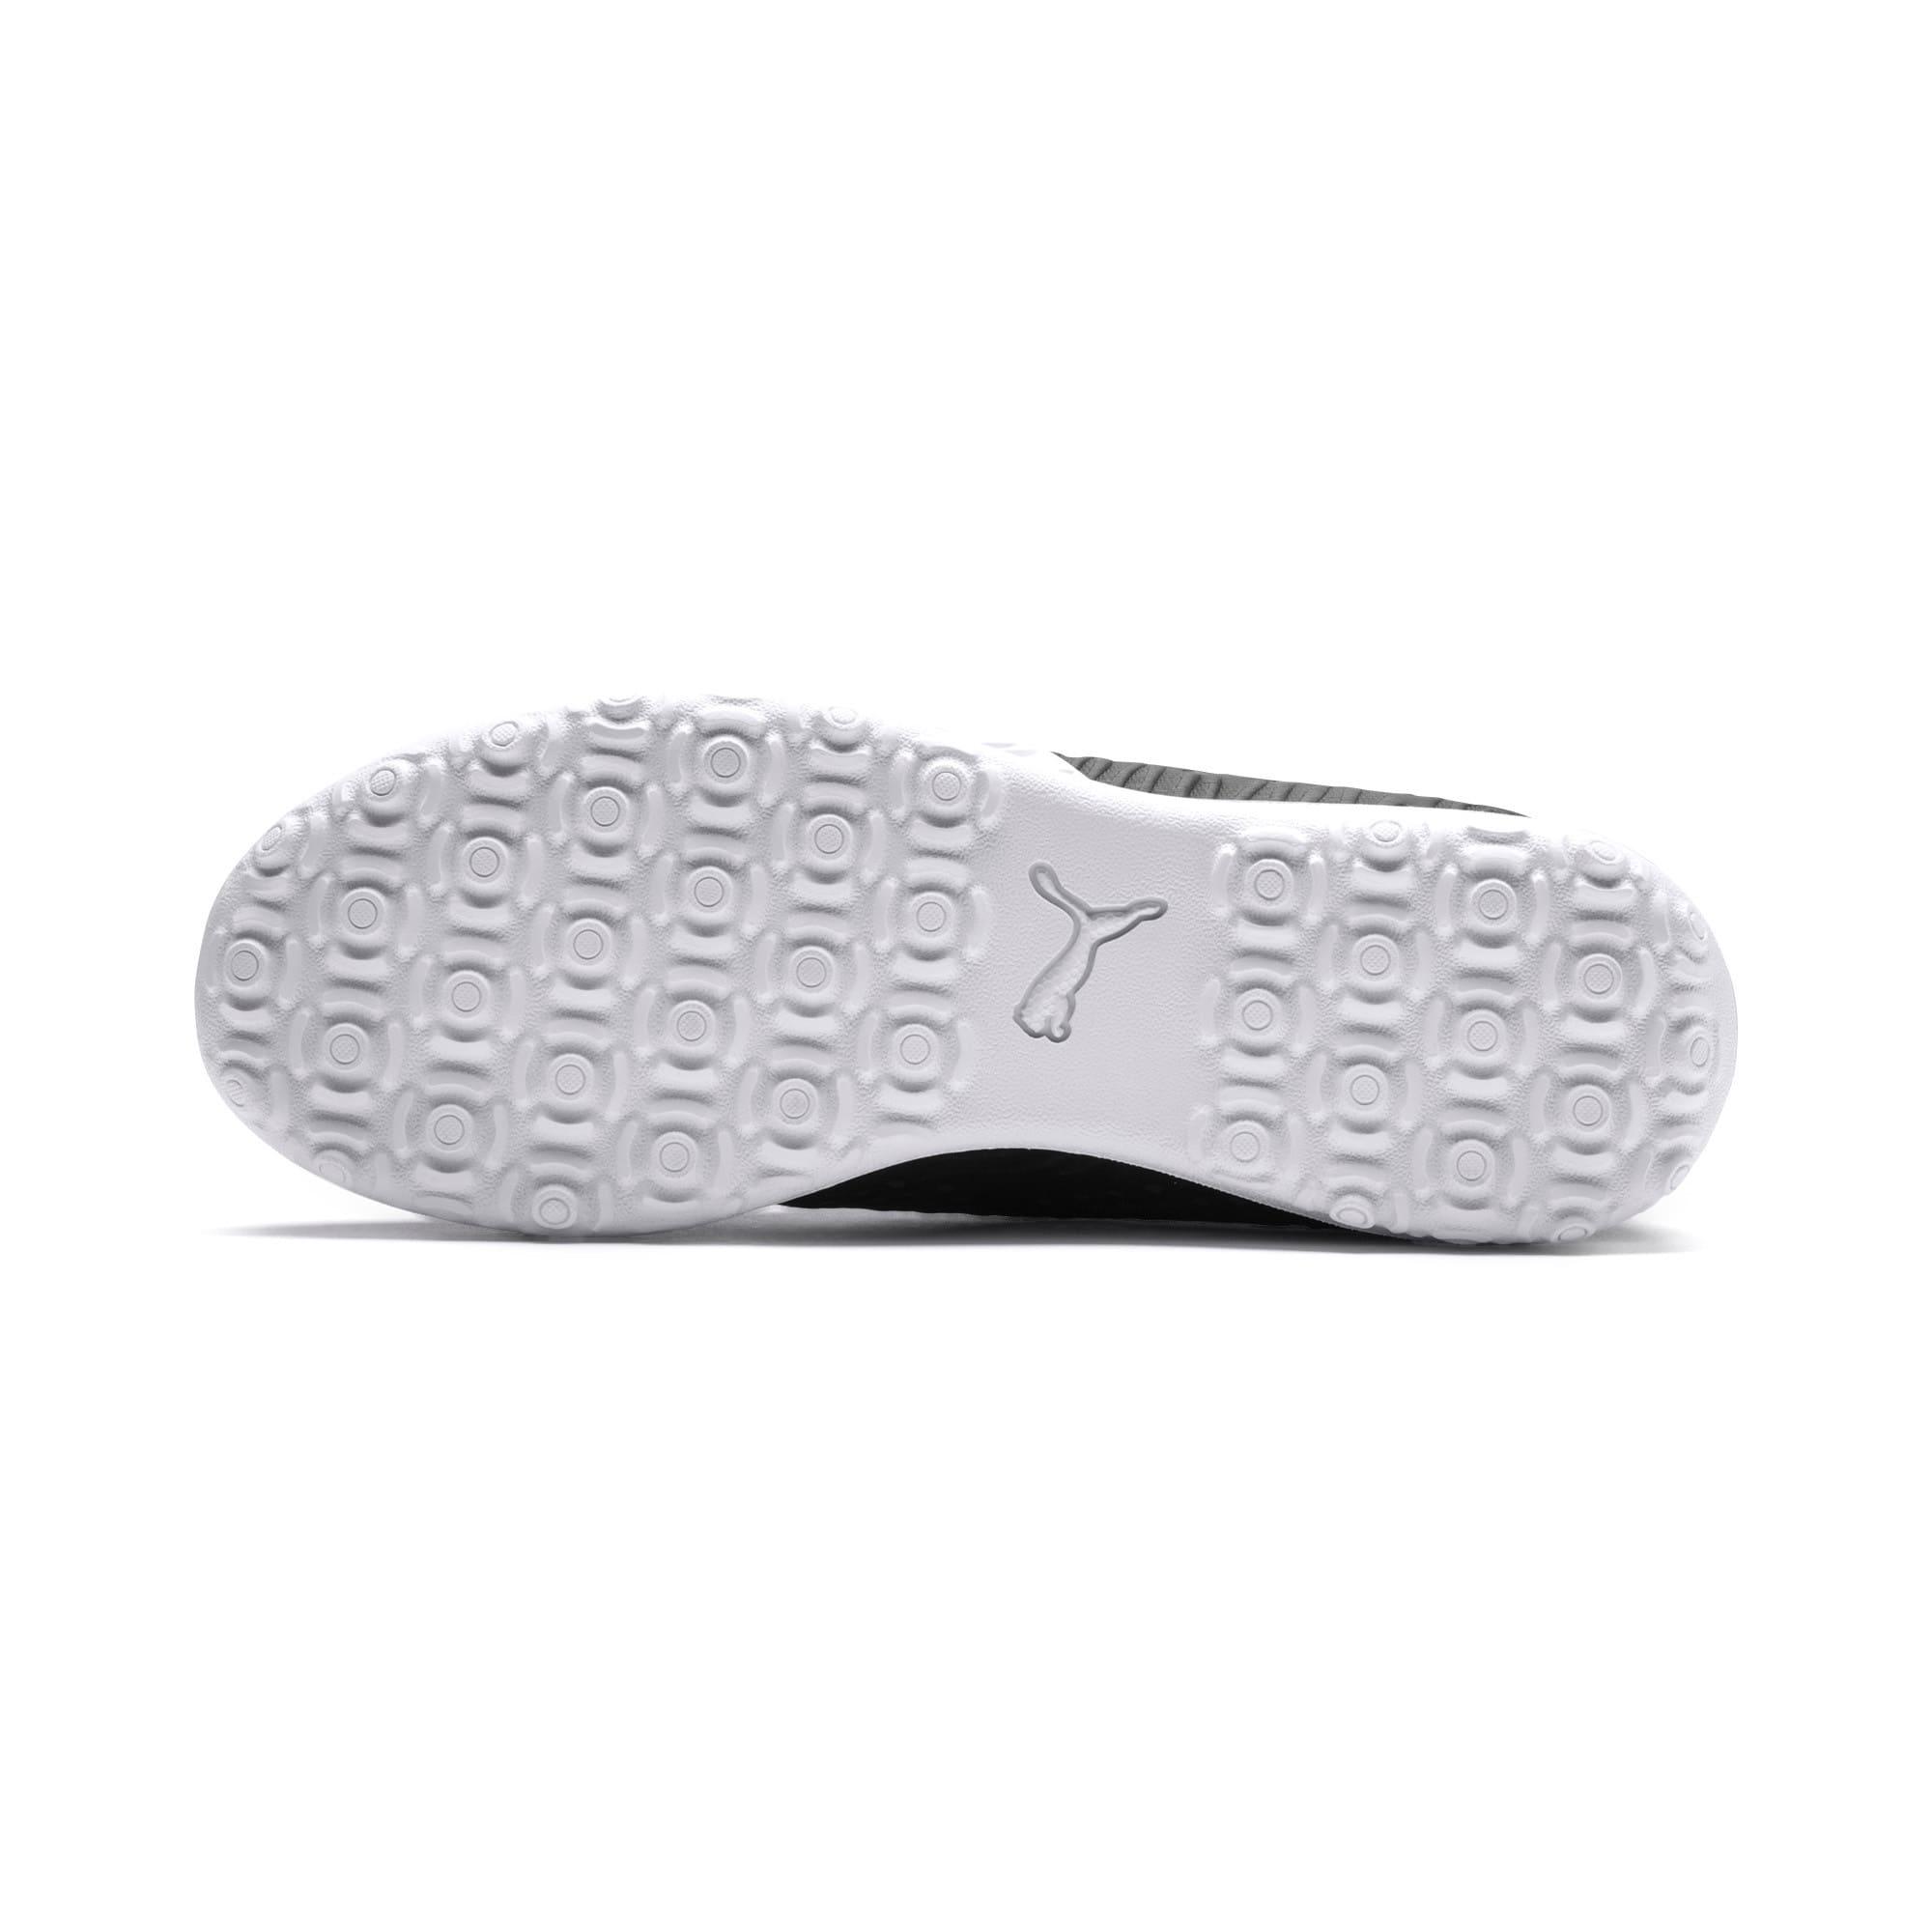 Thumbnail 3 of FUTURE 19.4 TT Soccer Shoes JR, Puma Black-Puma Black-White, medium